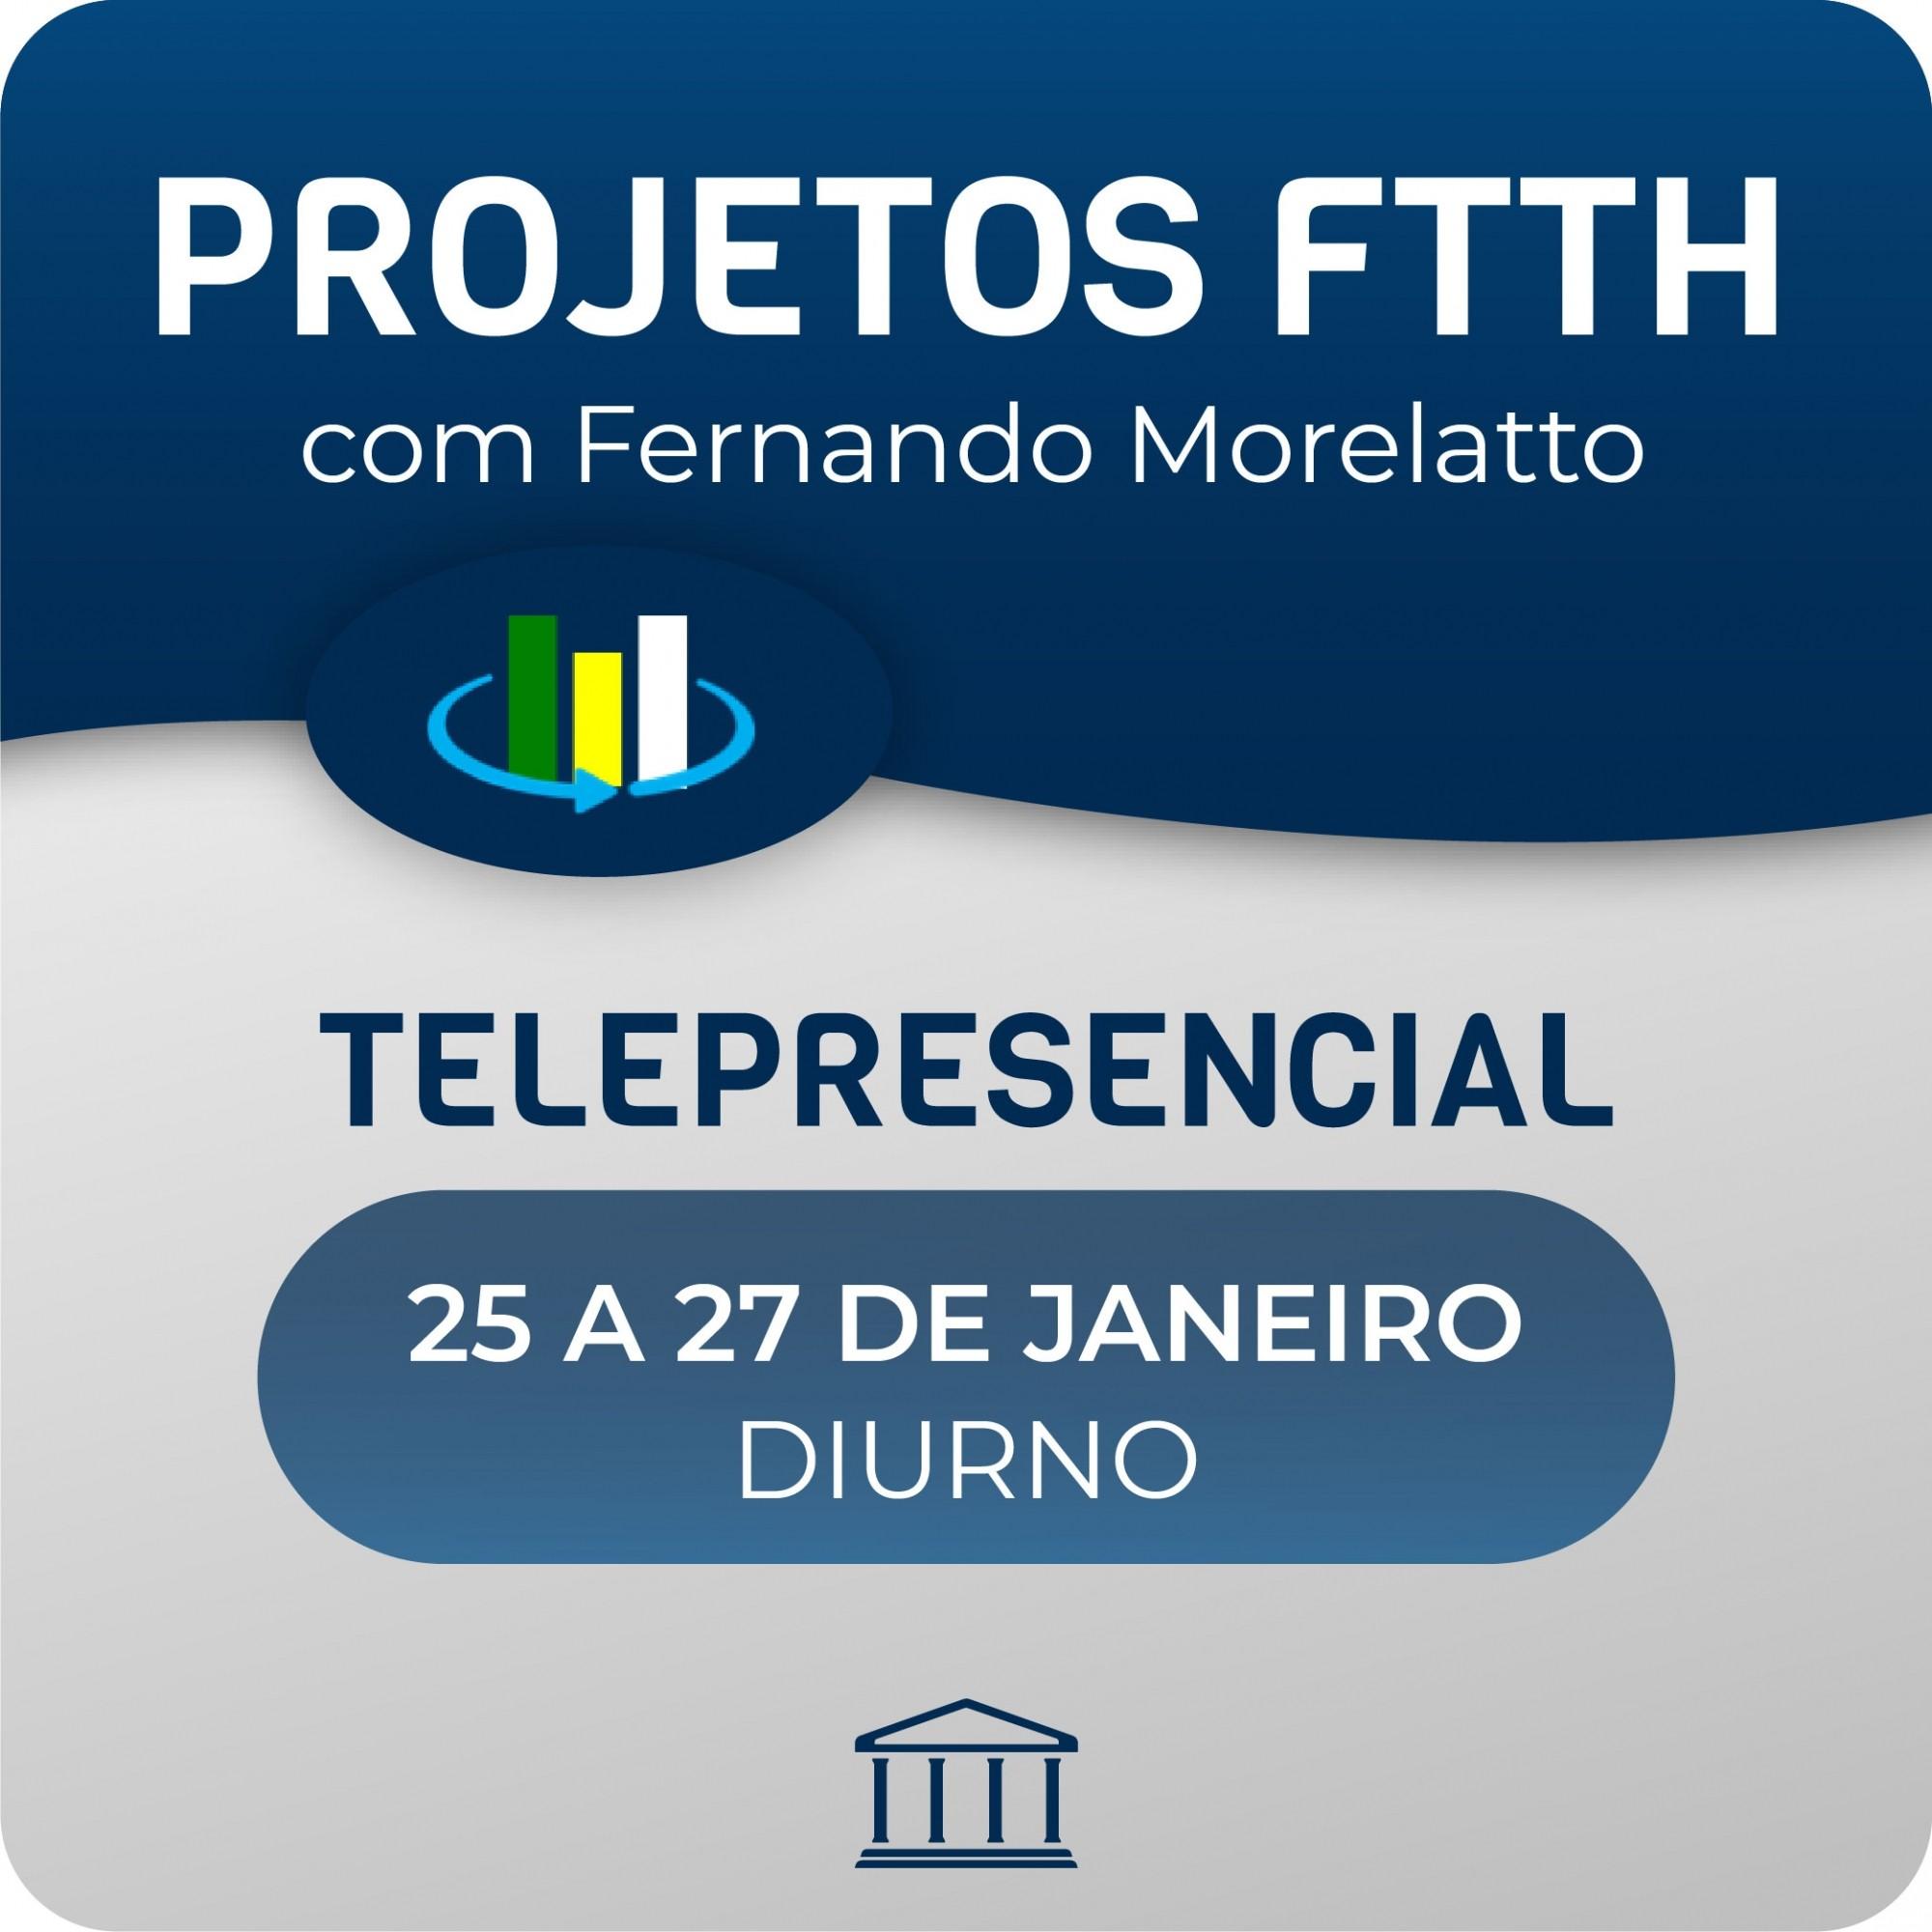 Curso Projetos FTTH Diurno com Fernando Morellato  - Voz e Dados